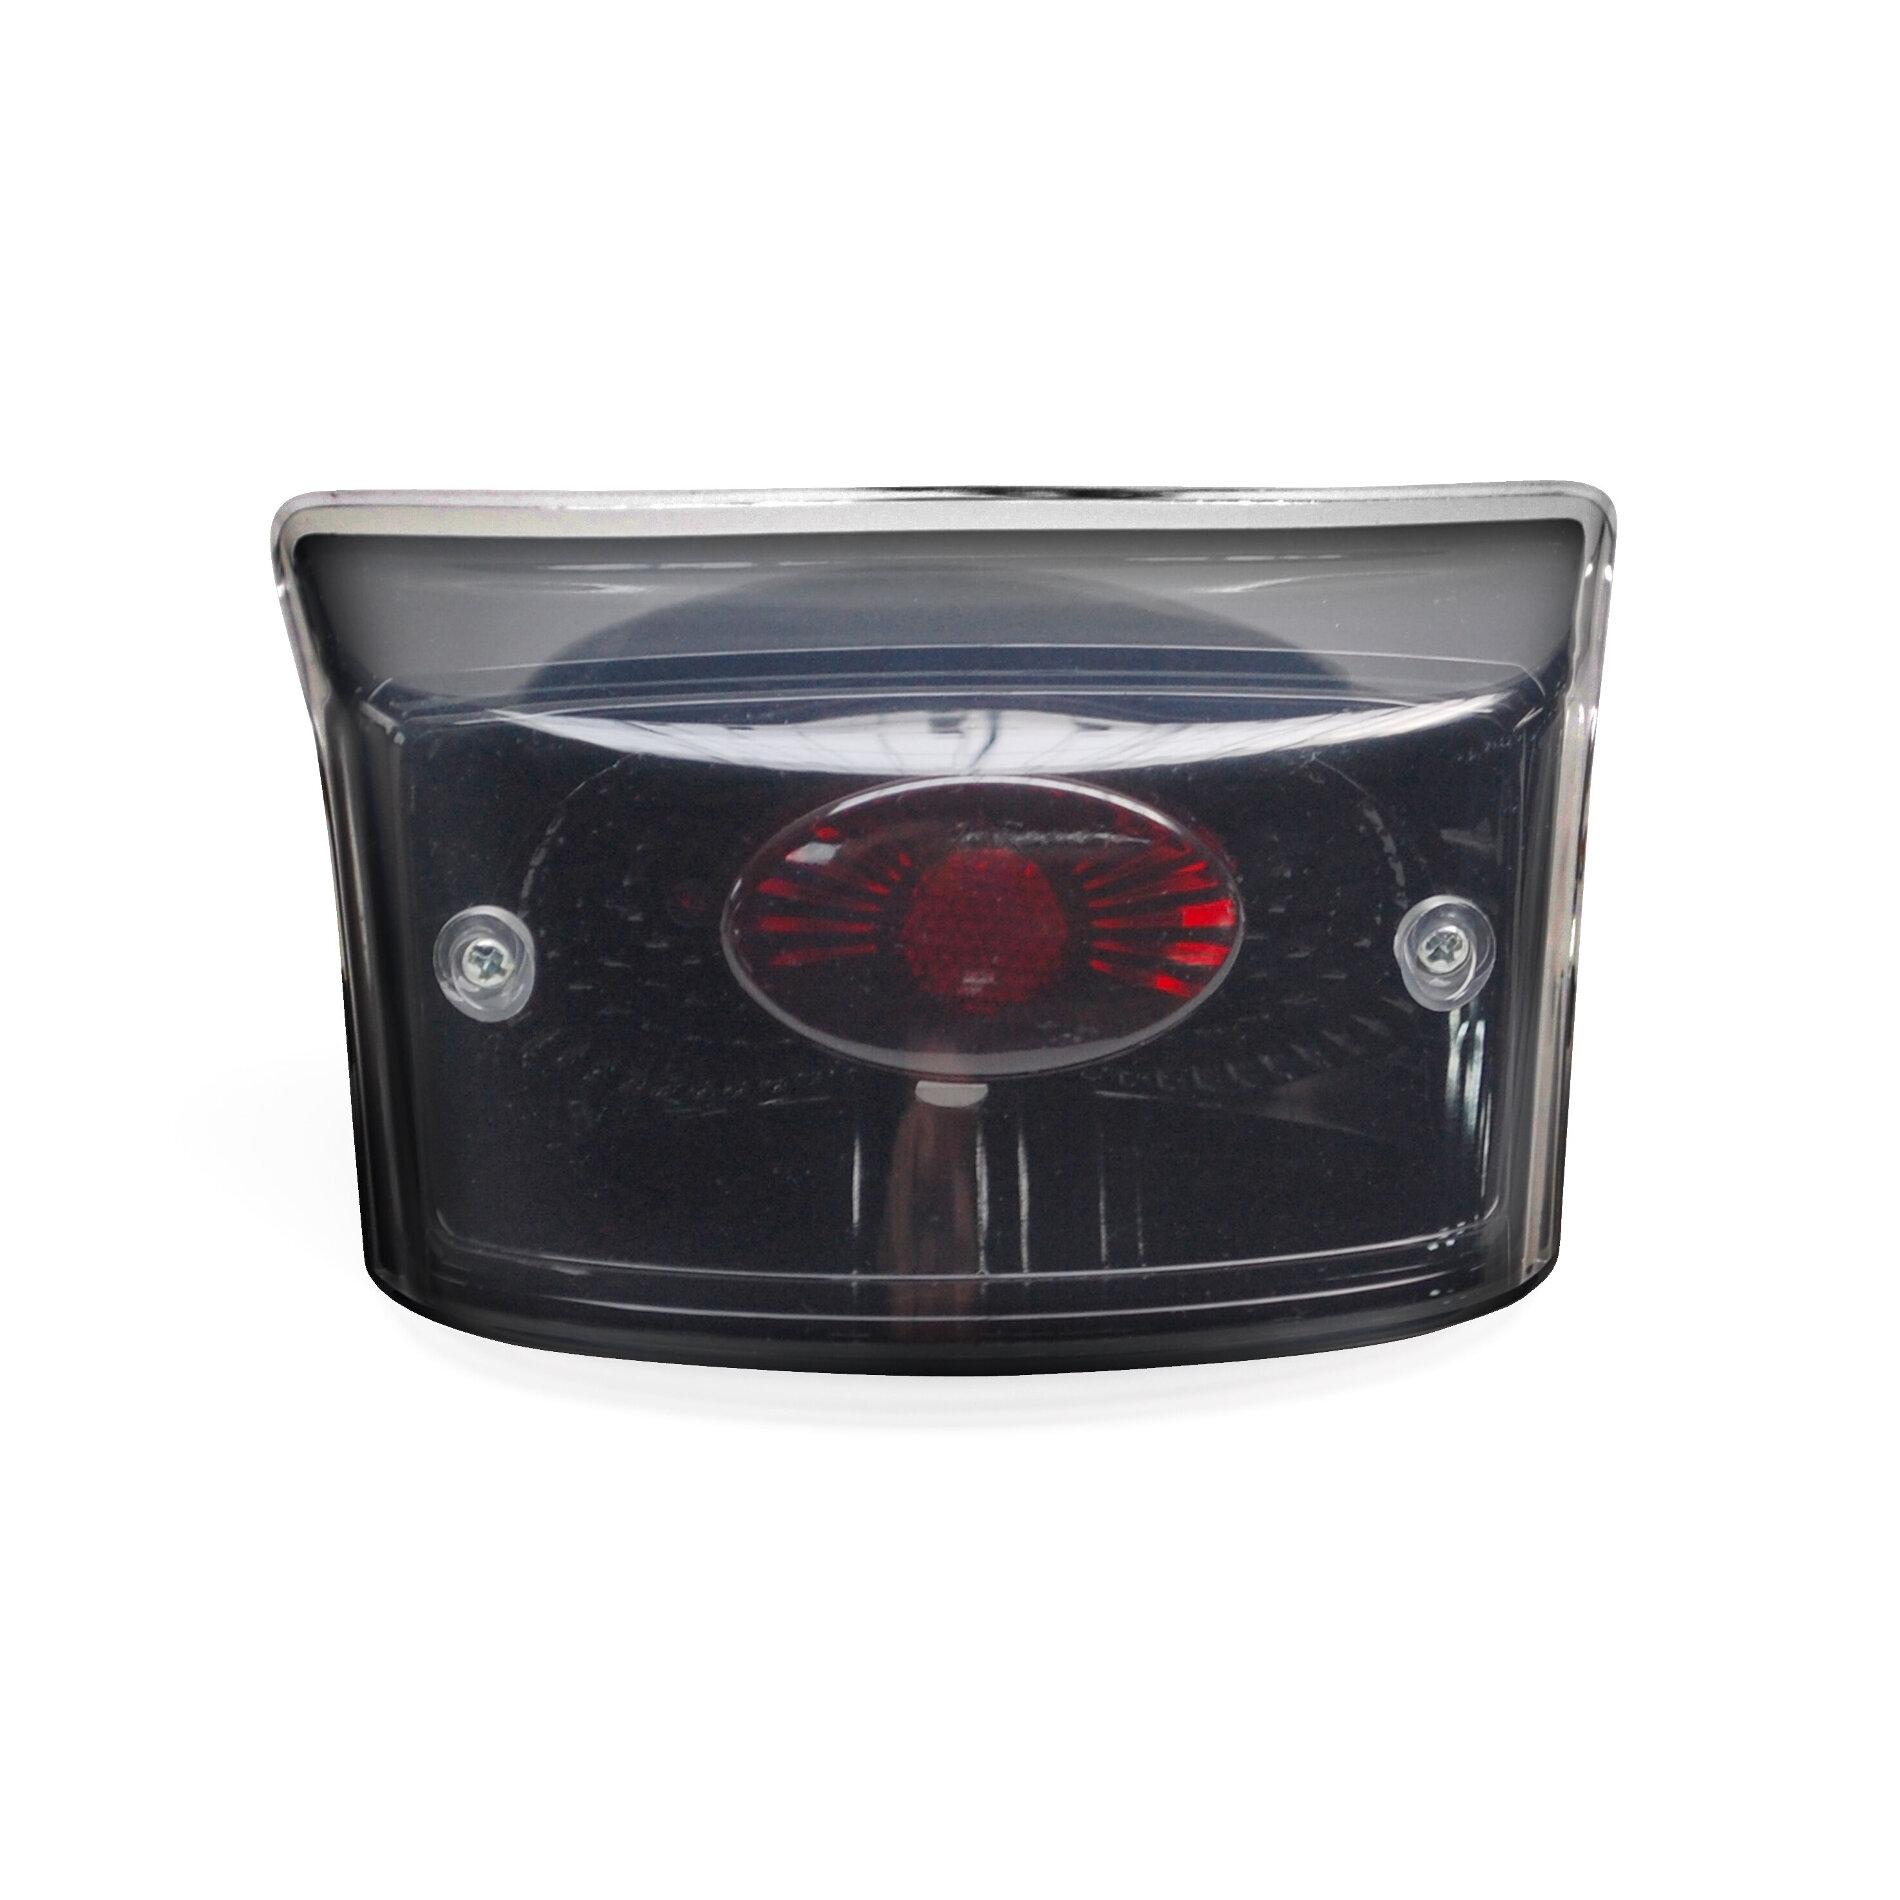 Feu arrière complet Type Lexus fond noir Booster 2004>